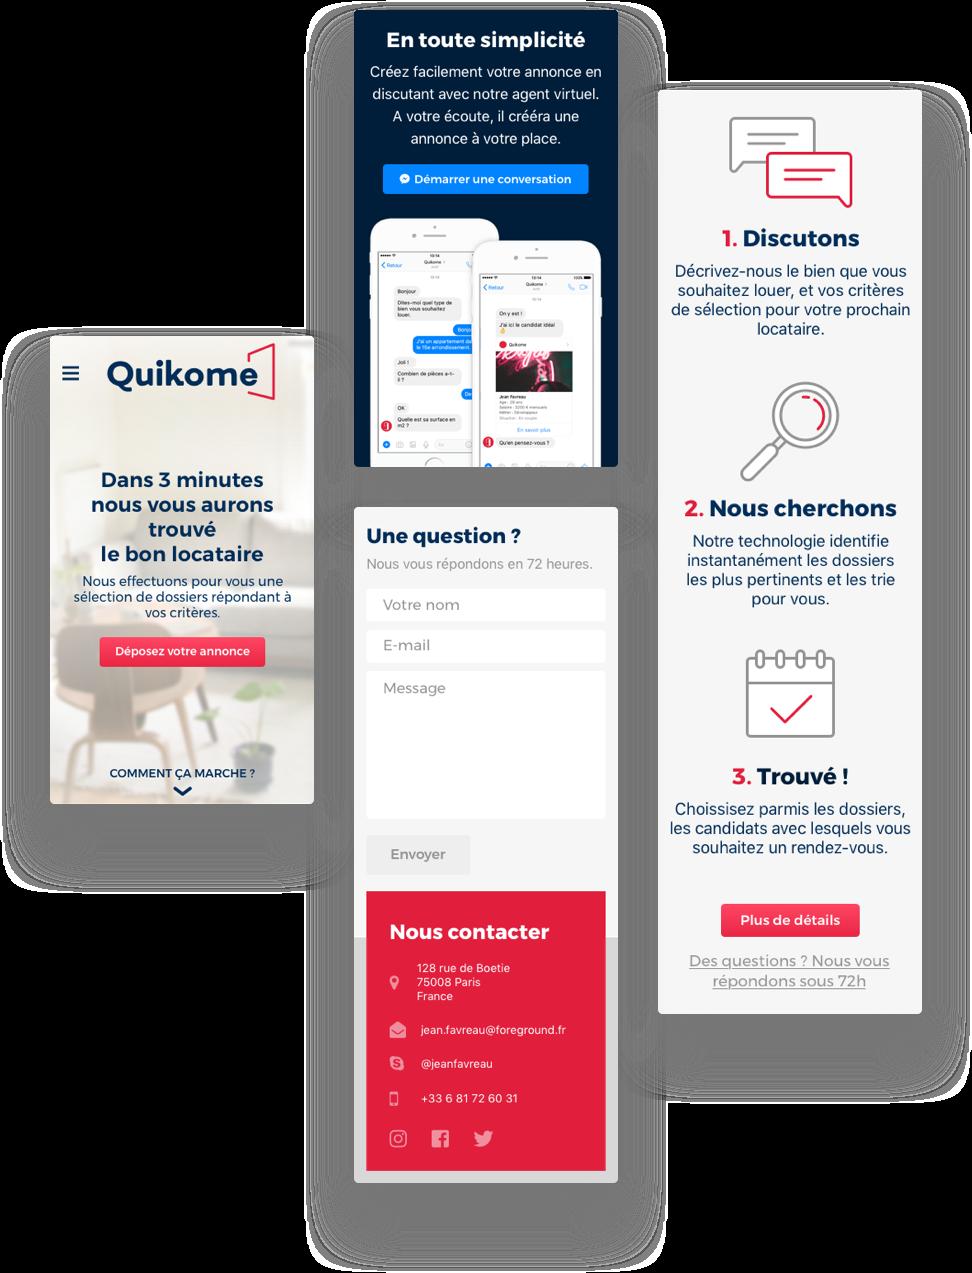 Site internet de Quikome sur smartphone - https://www.quikome.com/